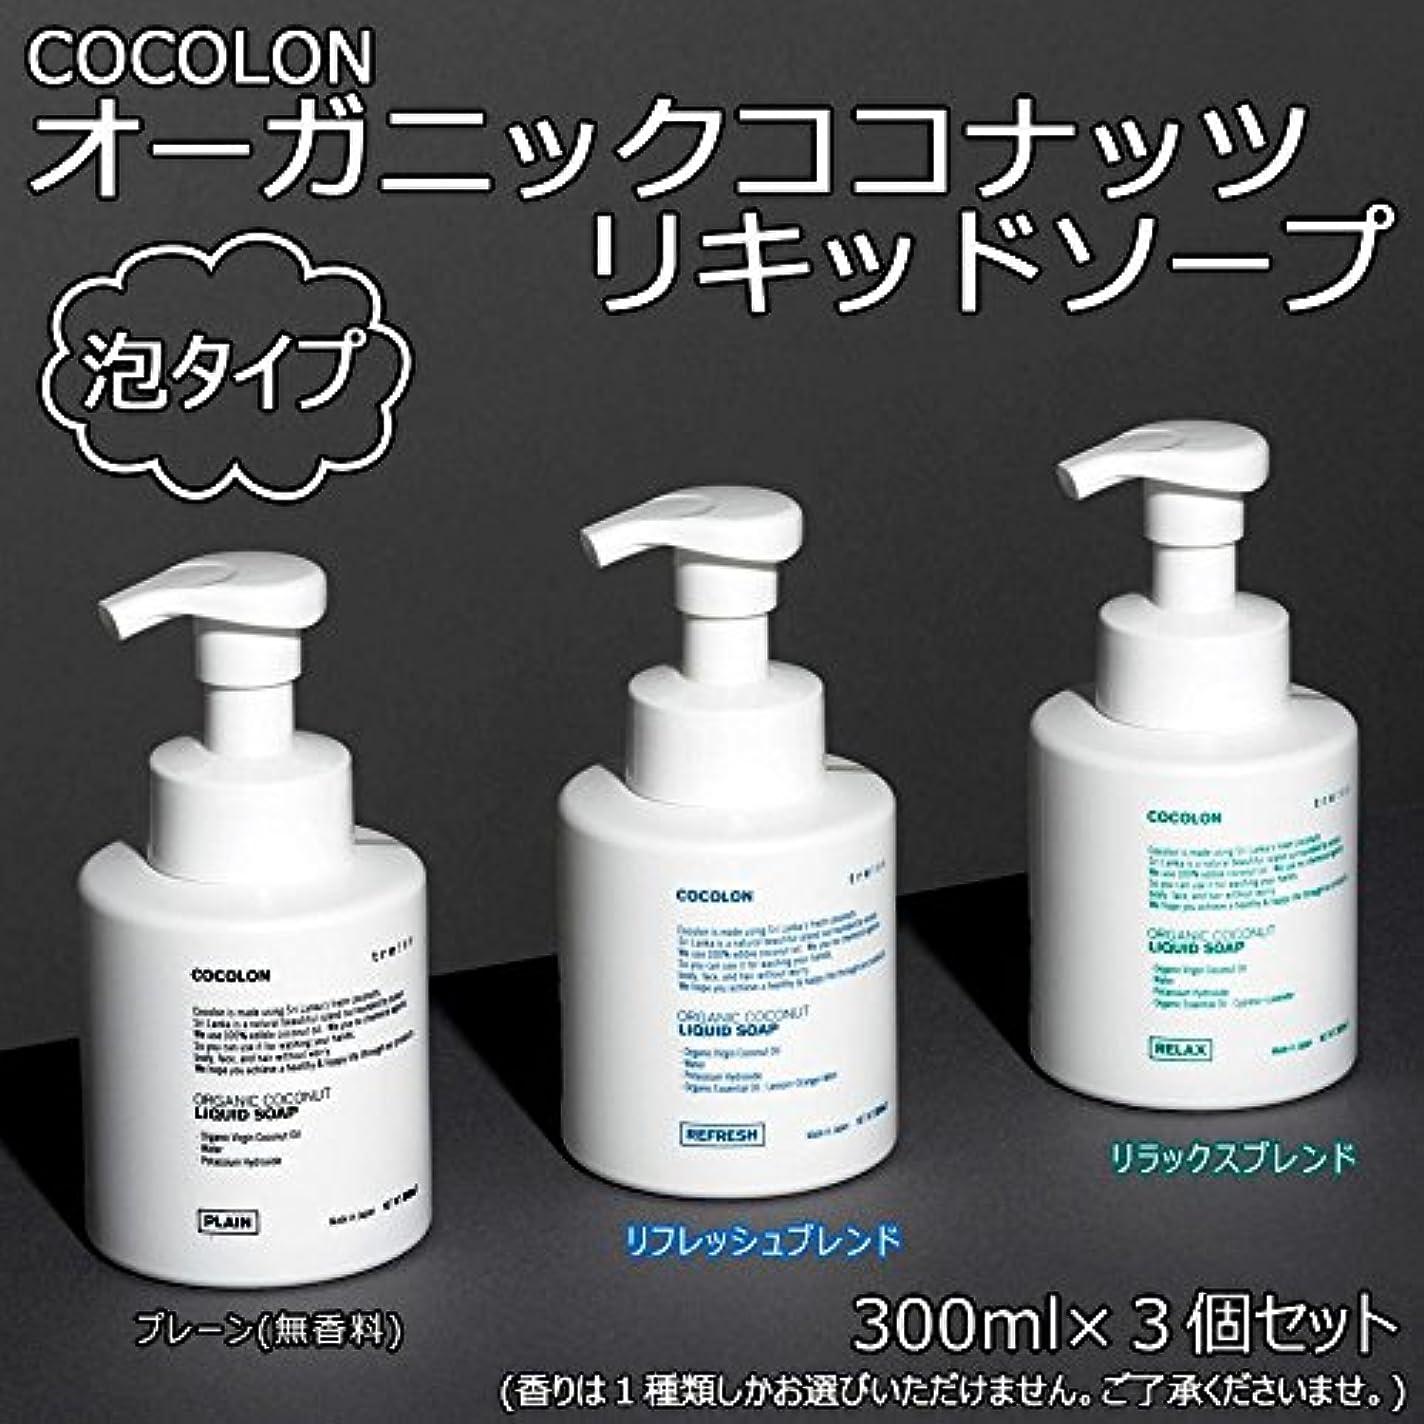 再開致命的上院COCOLON ココロン オーガニックココナッツリキッドソープ 泡タイプ 300ml 3個セット【同梱?代引不可】 ■3種類の内「リフレッシュブレンド」のみです